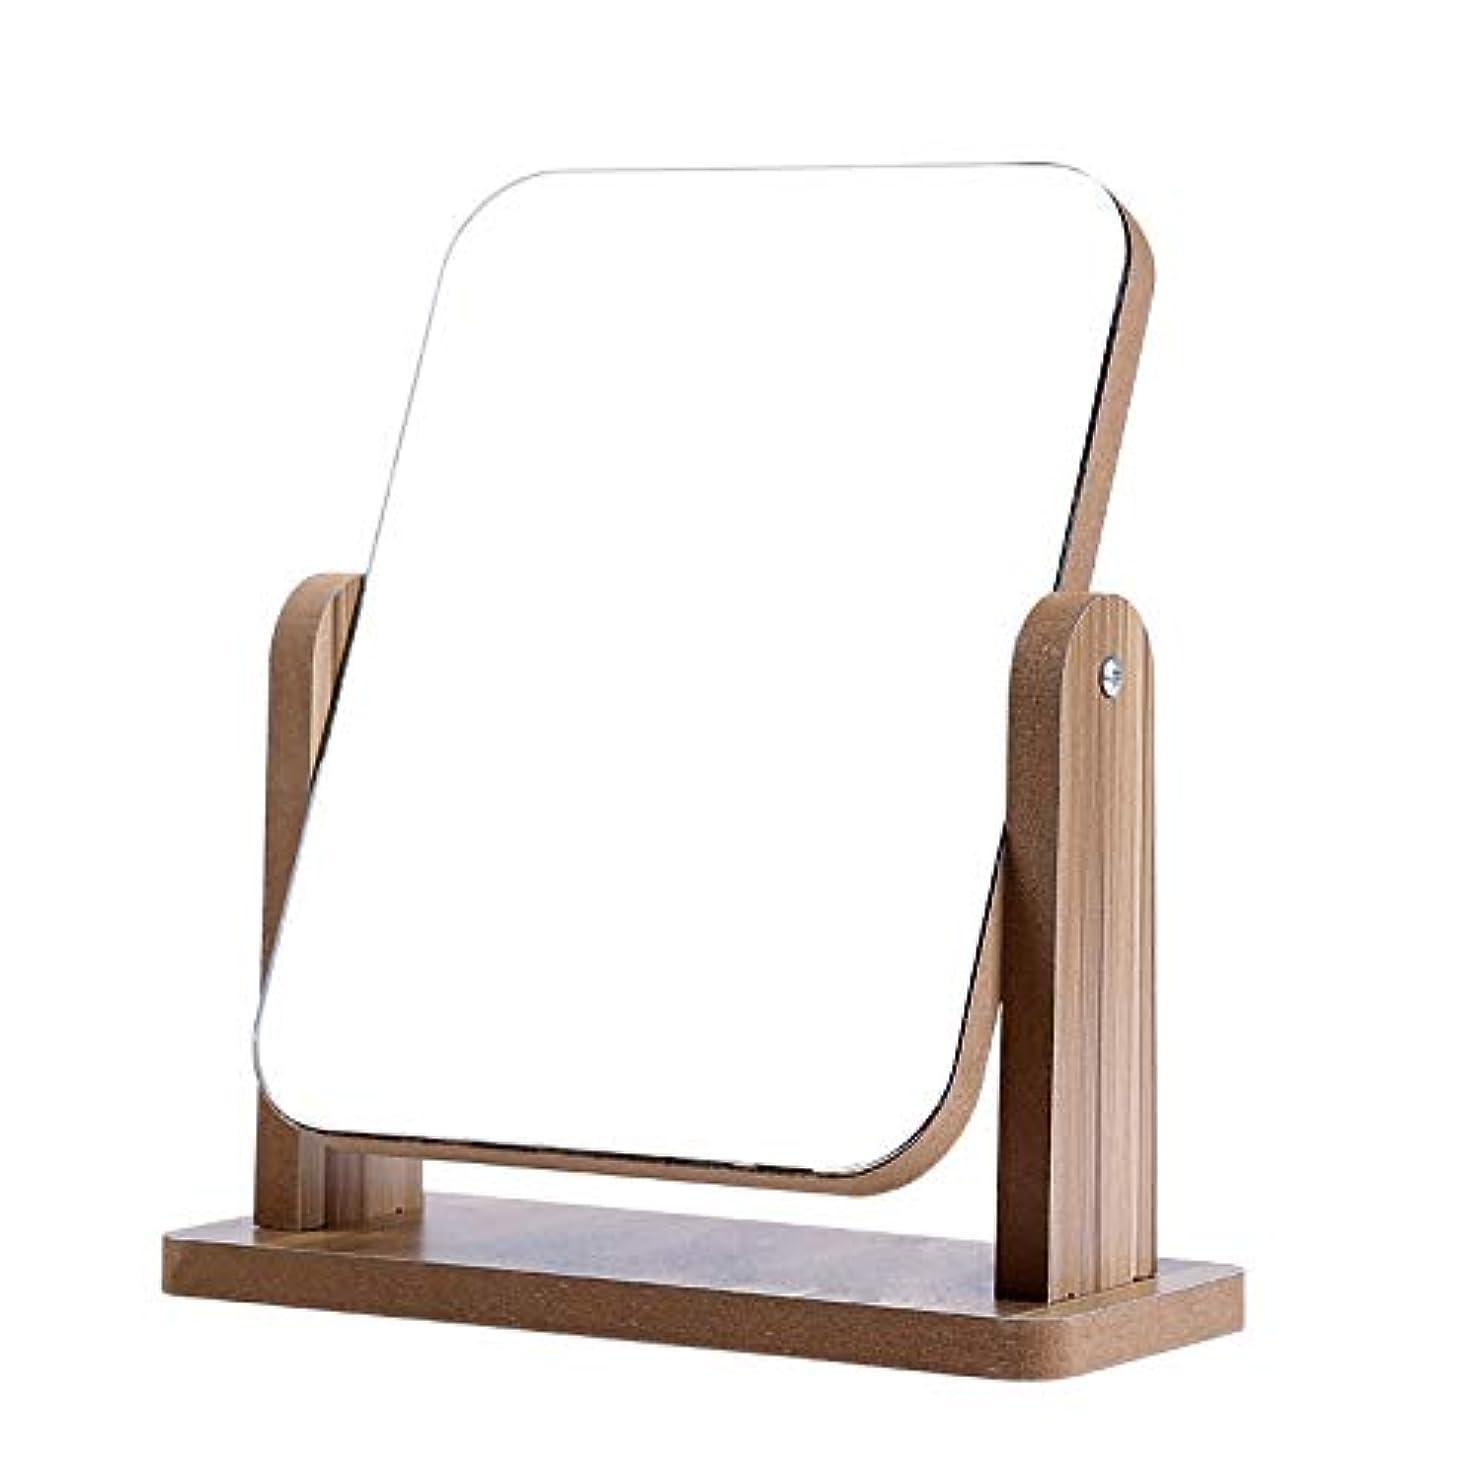 のり適用済み肉屋Anyasun 卓上ミラー 化粧ミラー メイクミラー 360度回転 スタンドミラー 化粧鏡 木目 (縦)